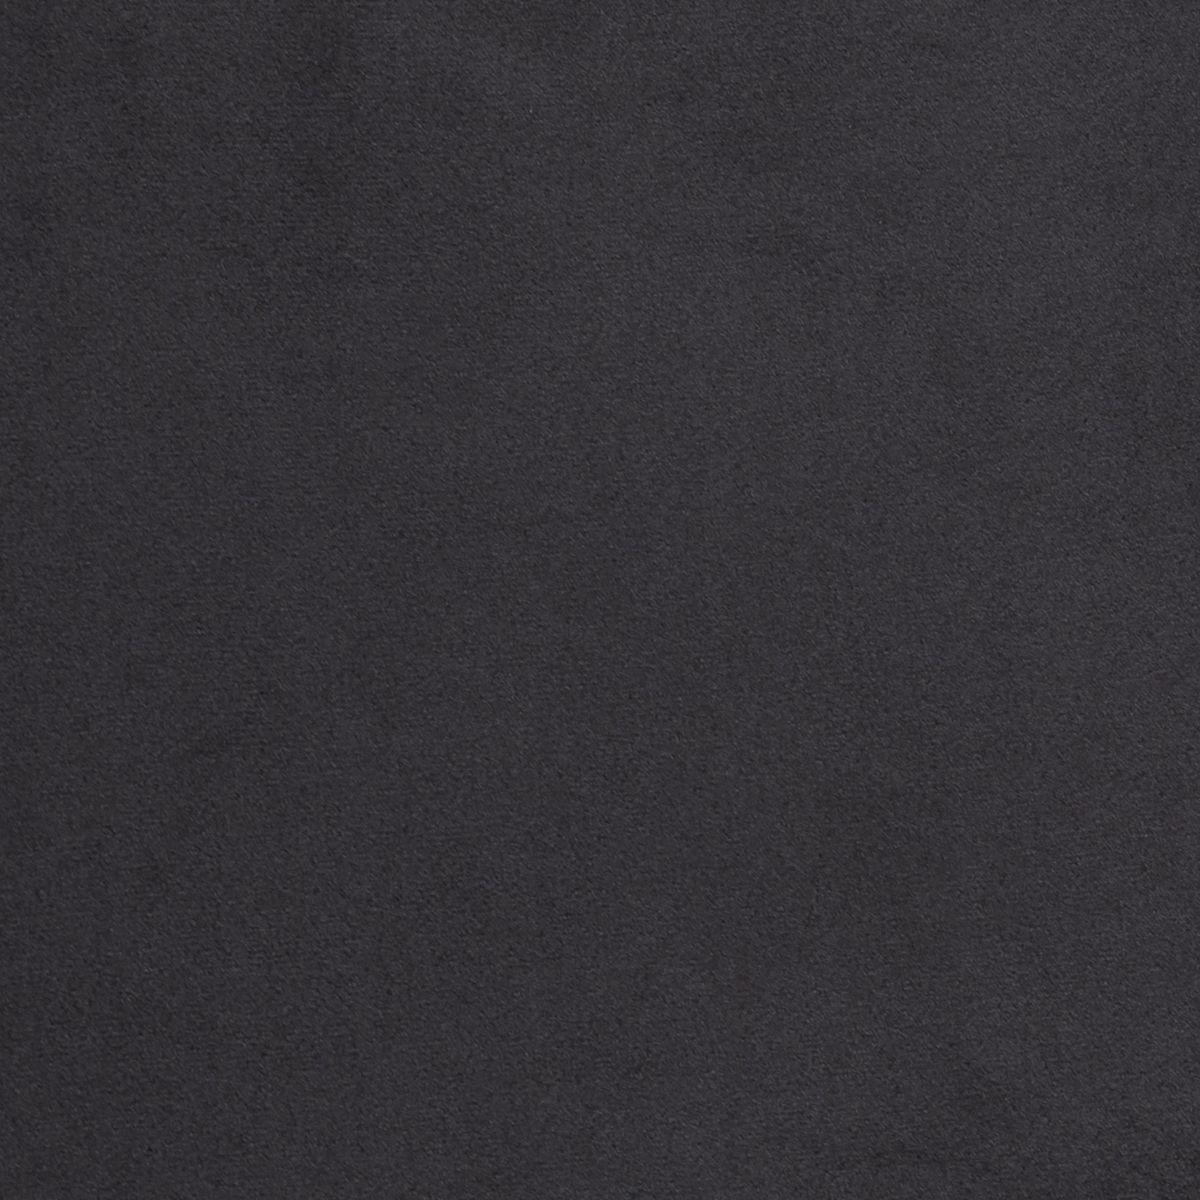 Fauteuil contemporain structuré en velours noir